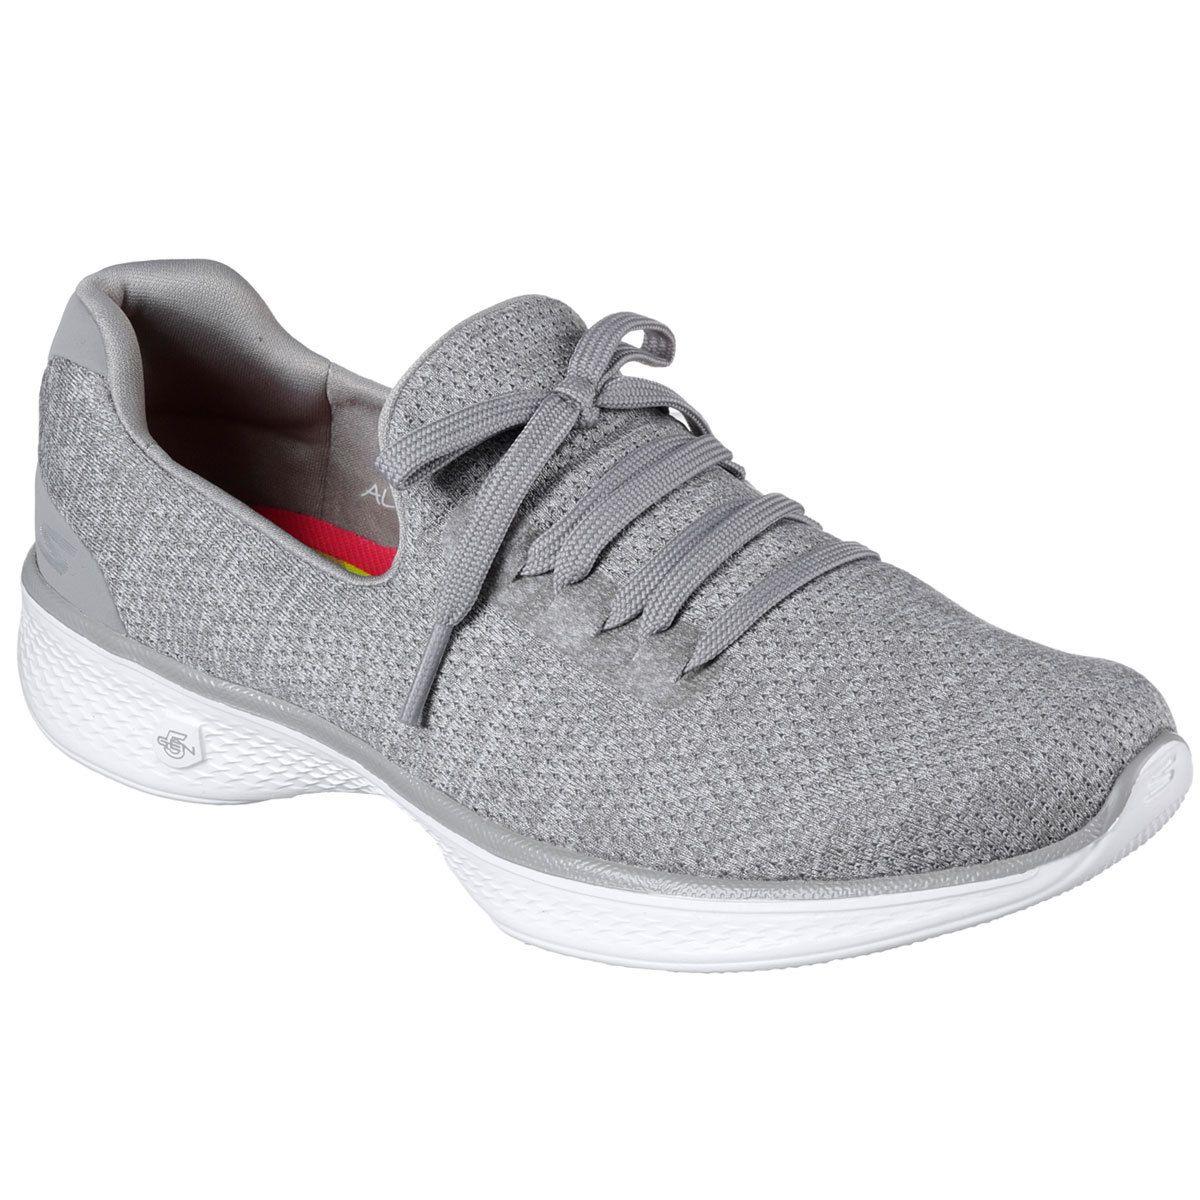 Skechers walking shoes – Best walking